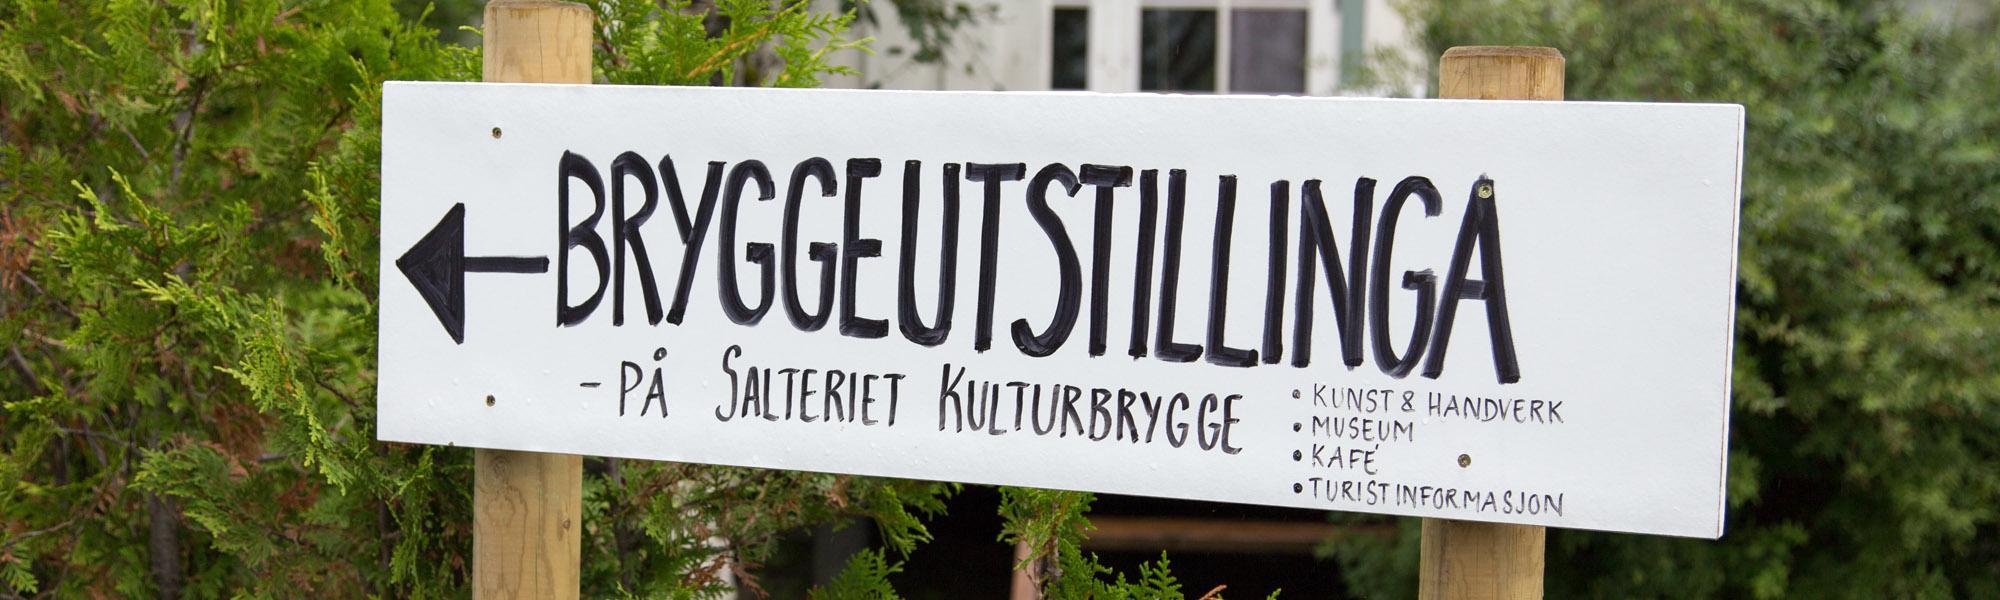 plakat-bryggeutstillinga